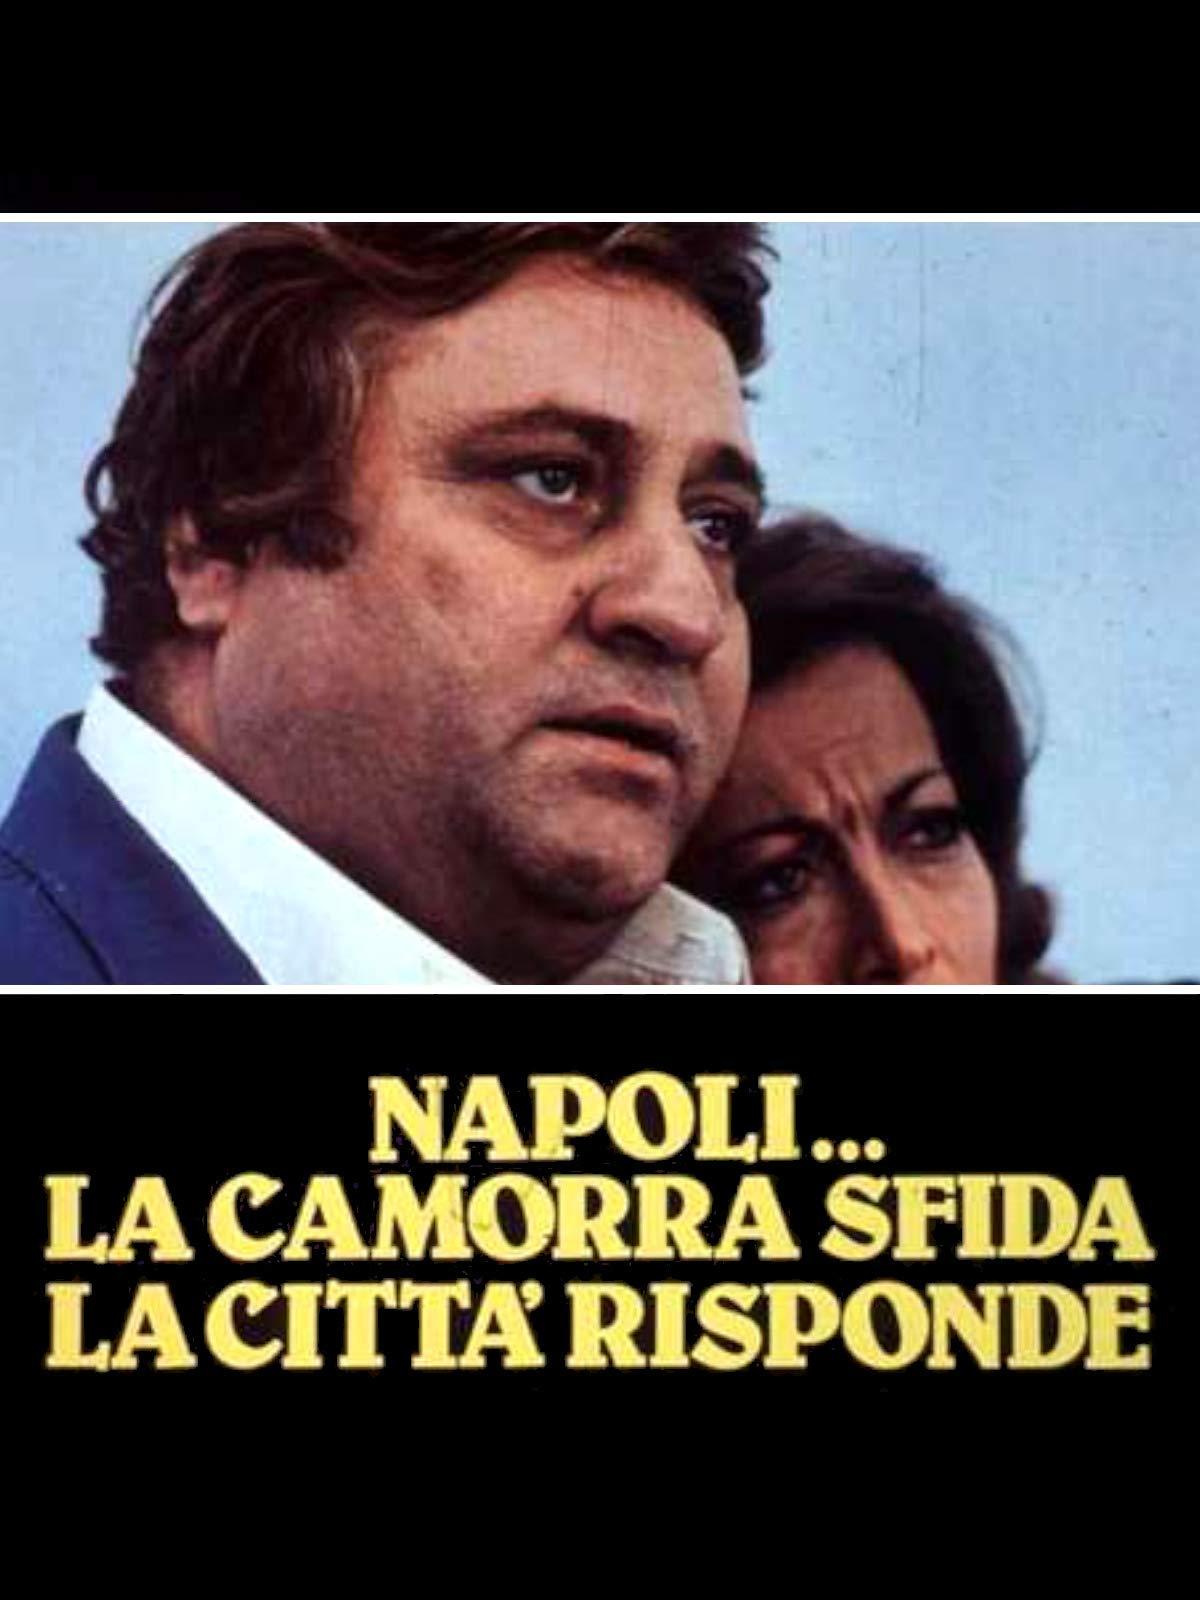 Napoli: La camorra sfida, la città risponde